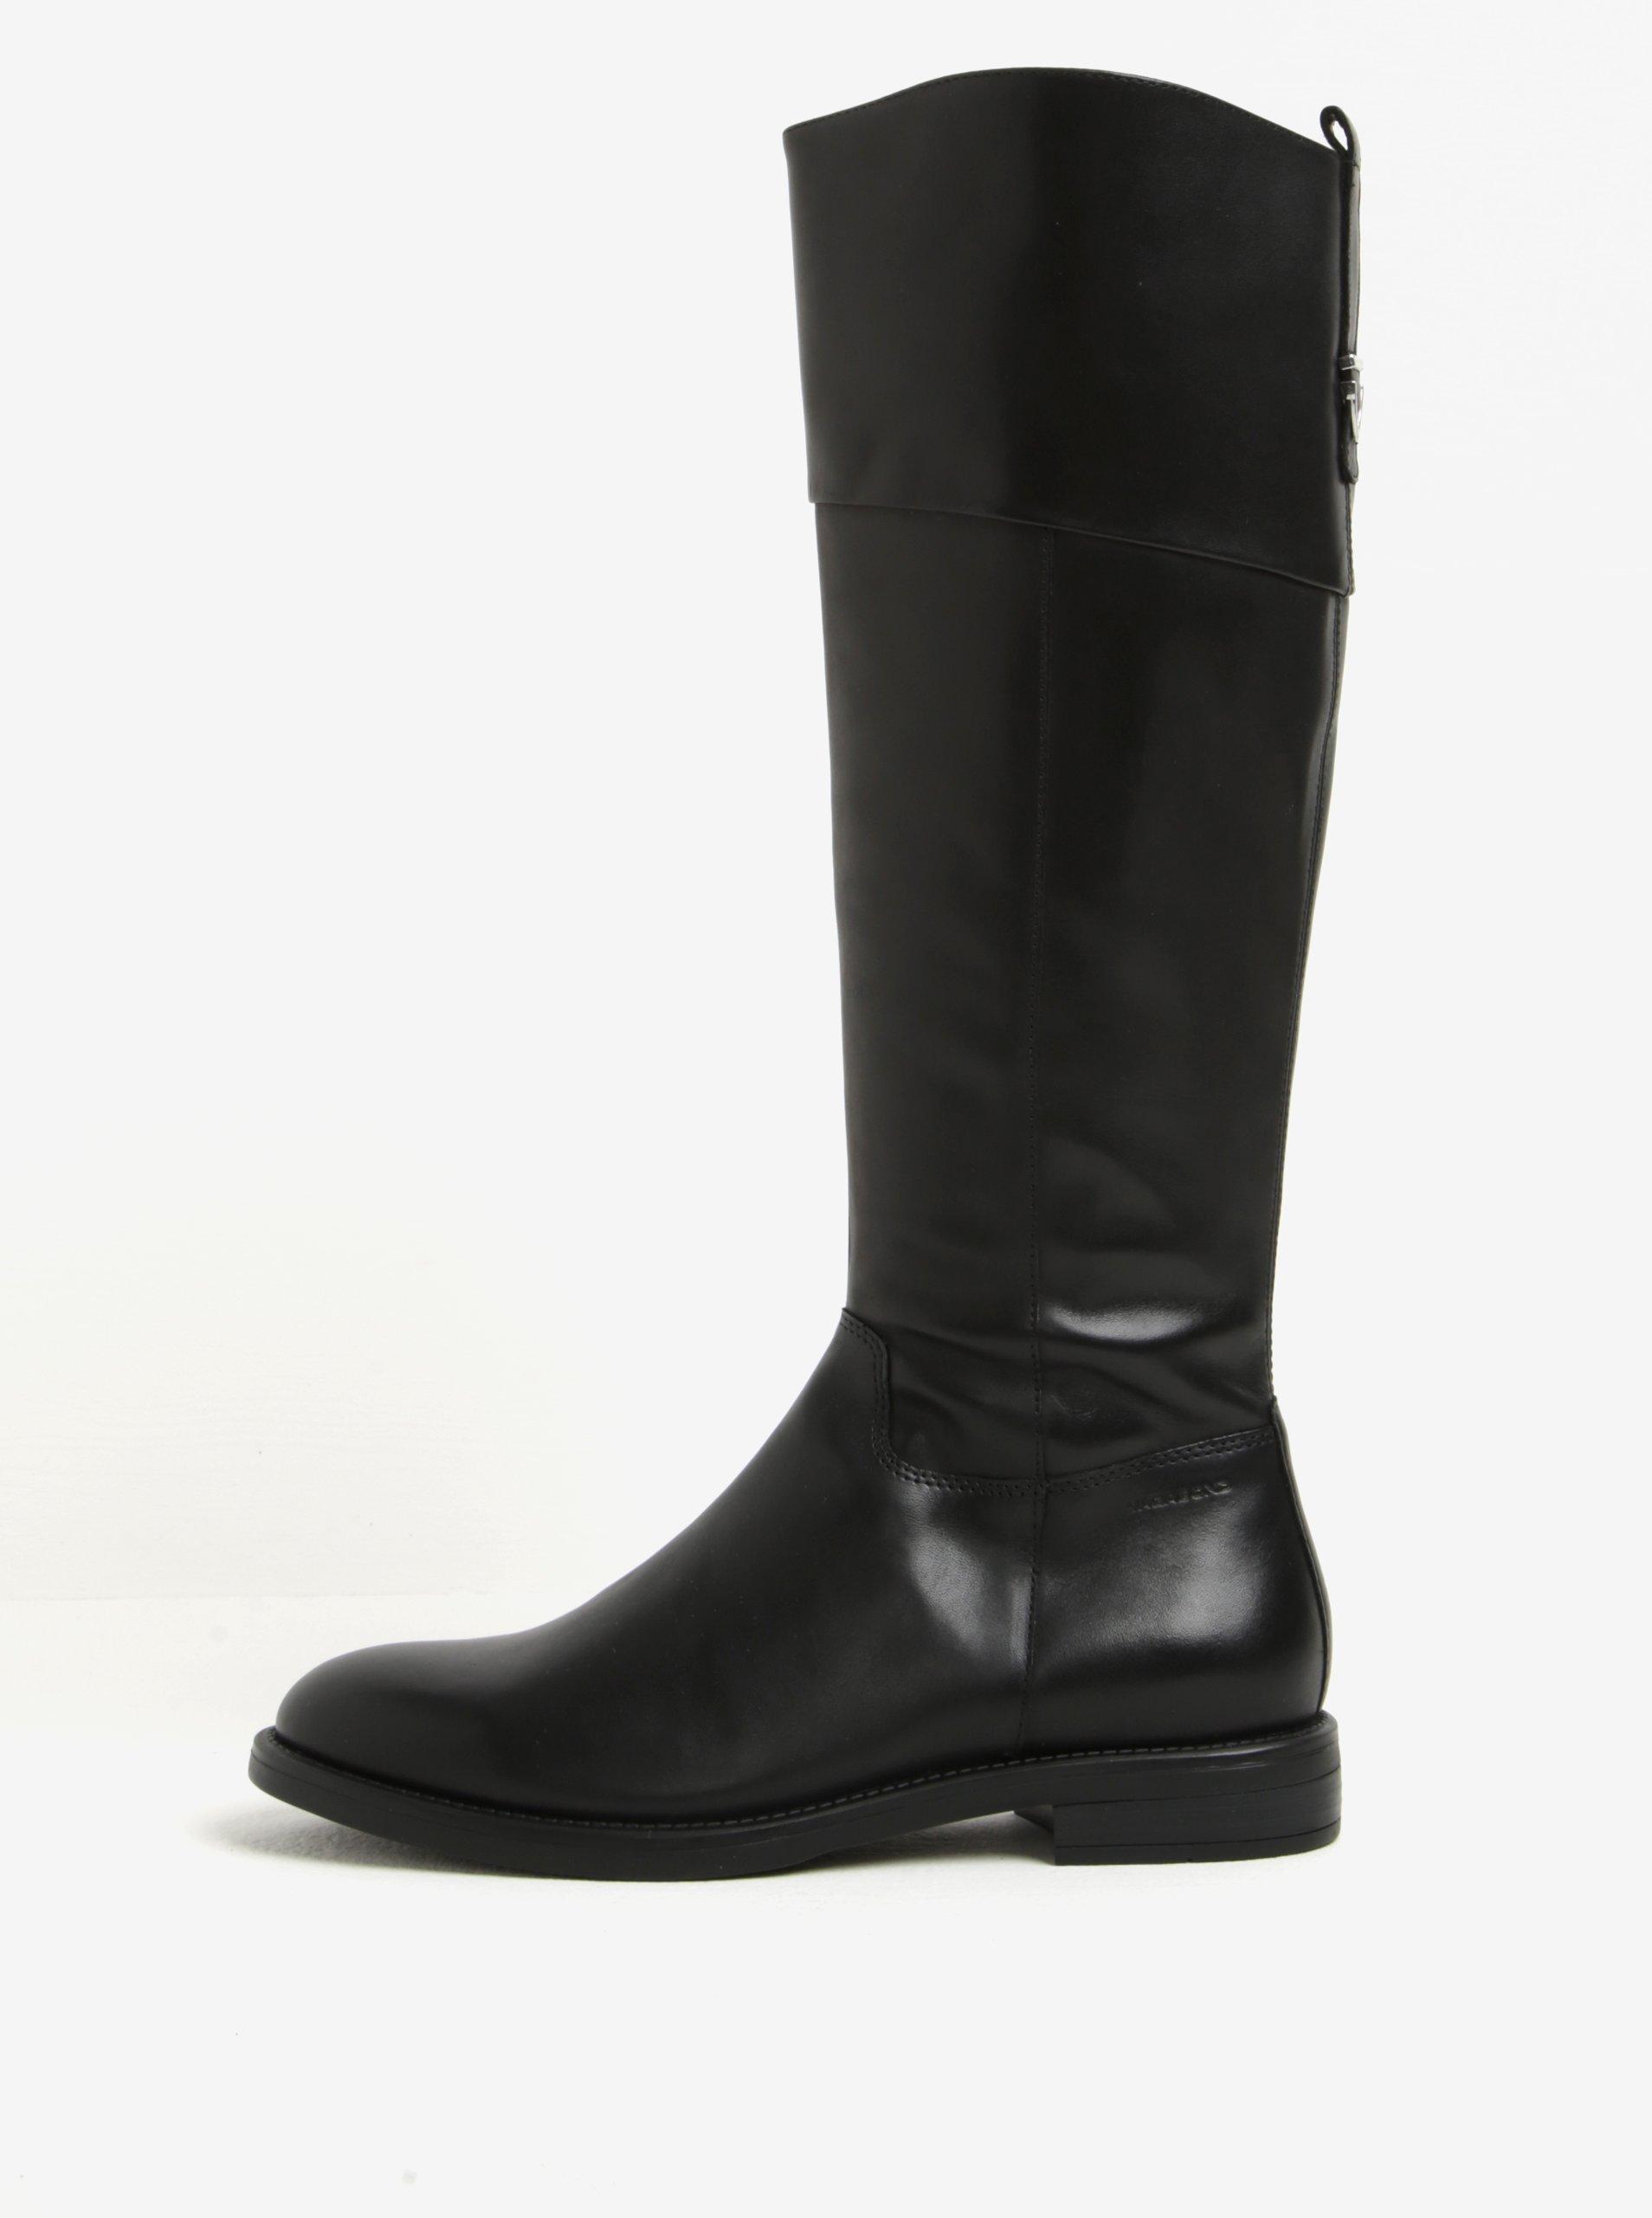 Čierne dámske vysoké kožené čižmy Vagabond Amina  632468662ac